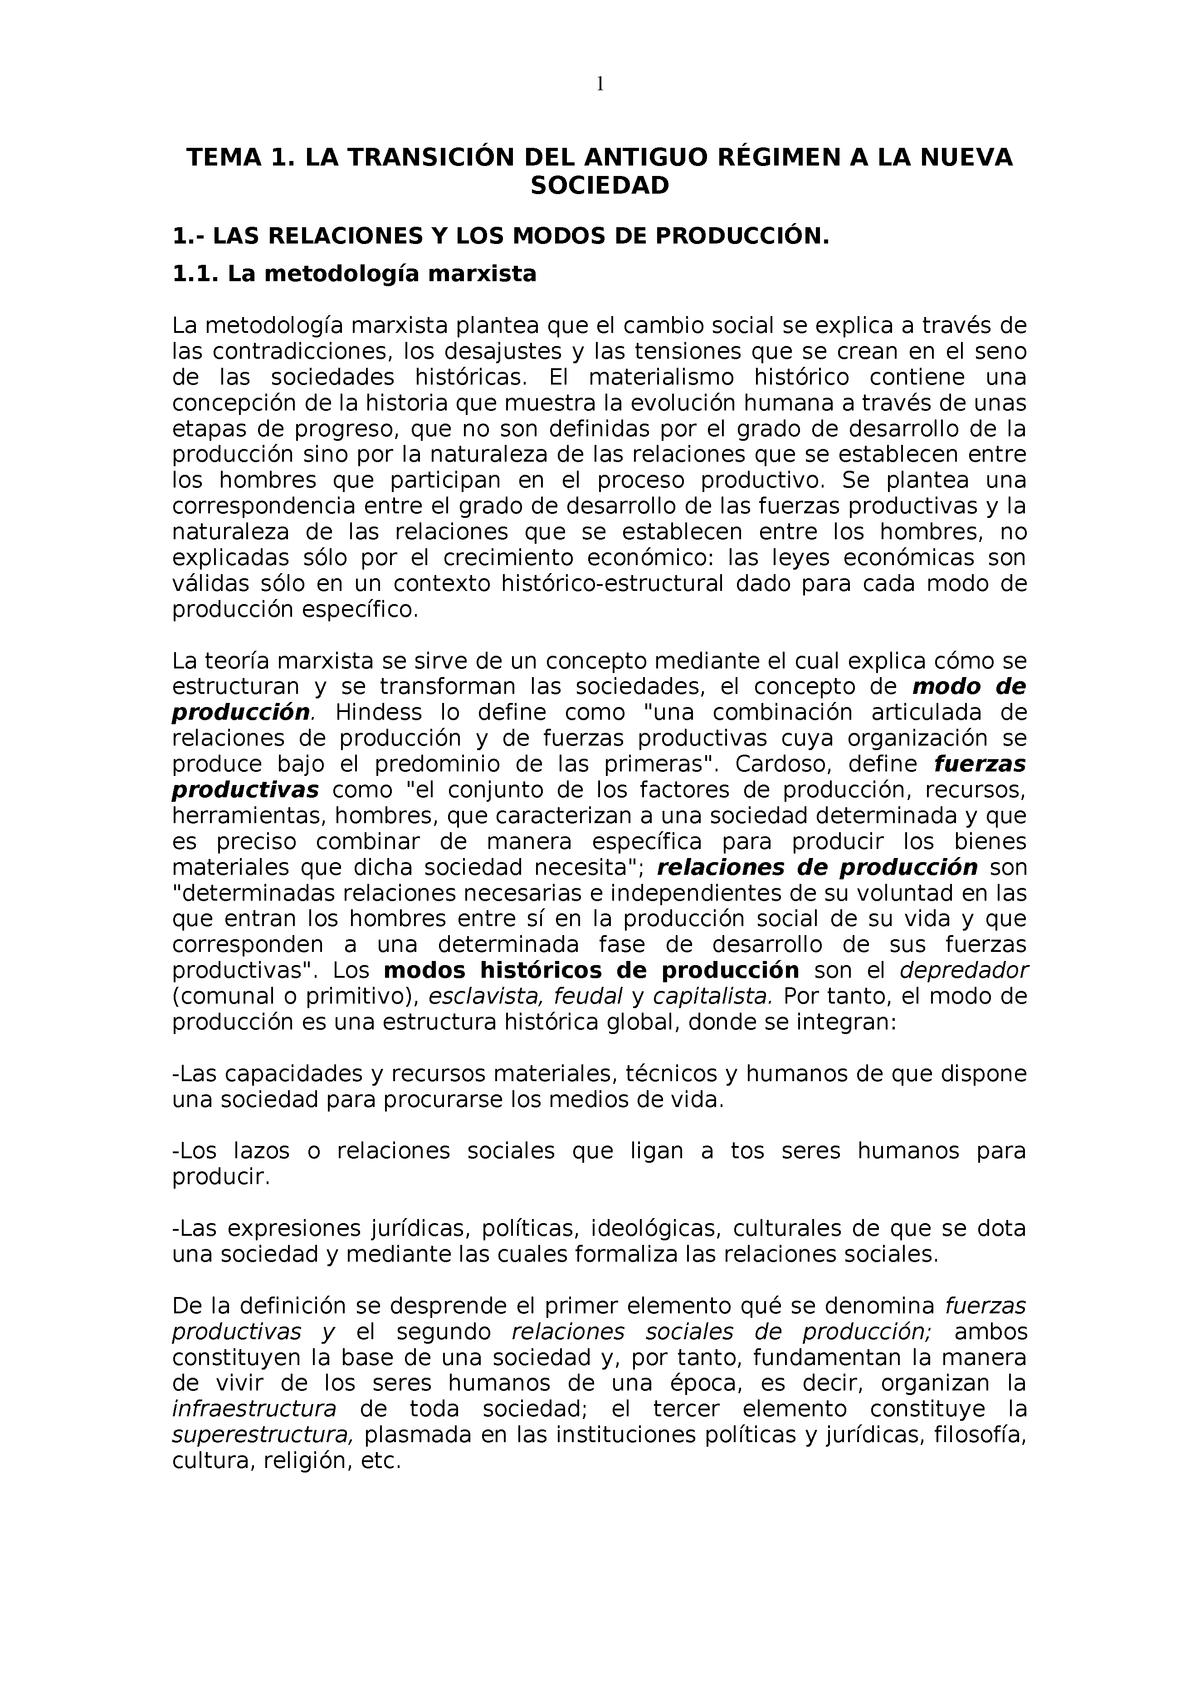 Tema 01 De Historia Social 1907 Umh Studocu